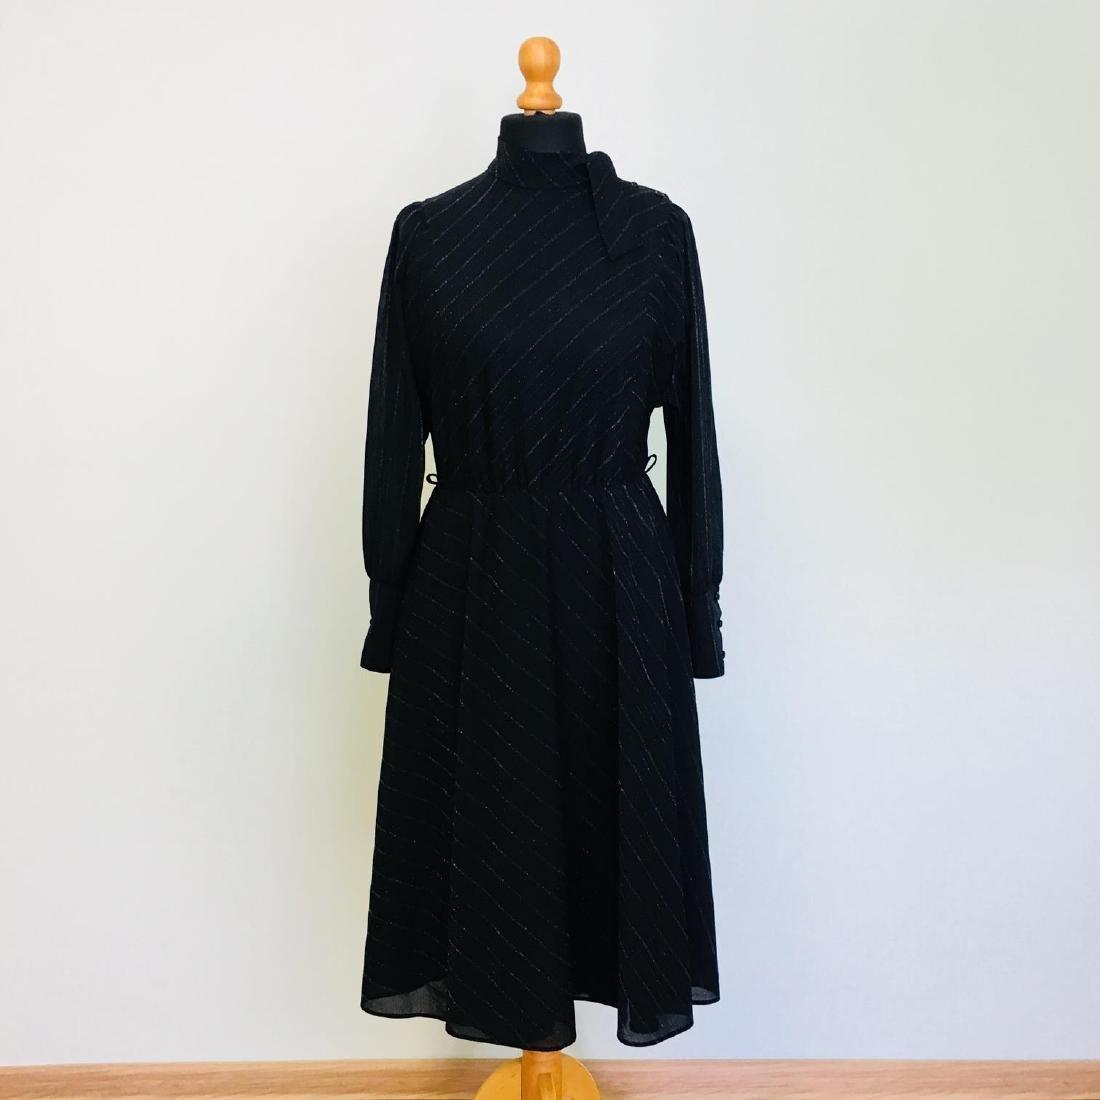 Vintage Women's Black Coctail Evening Dress